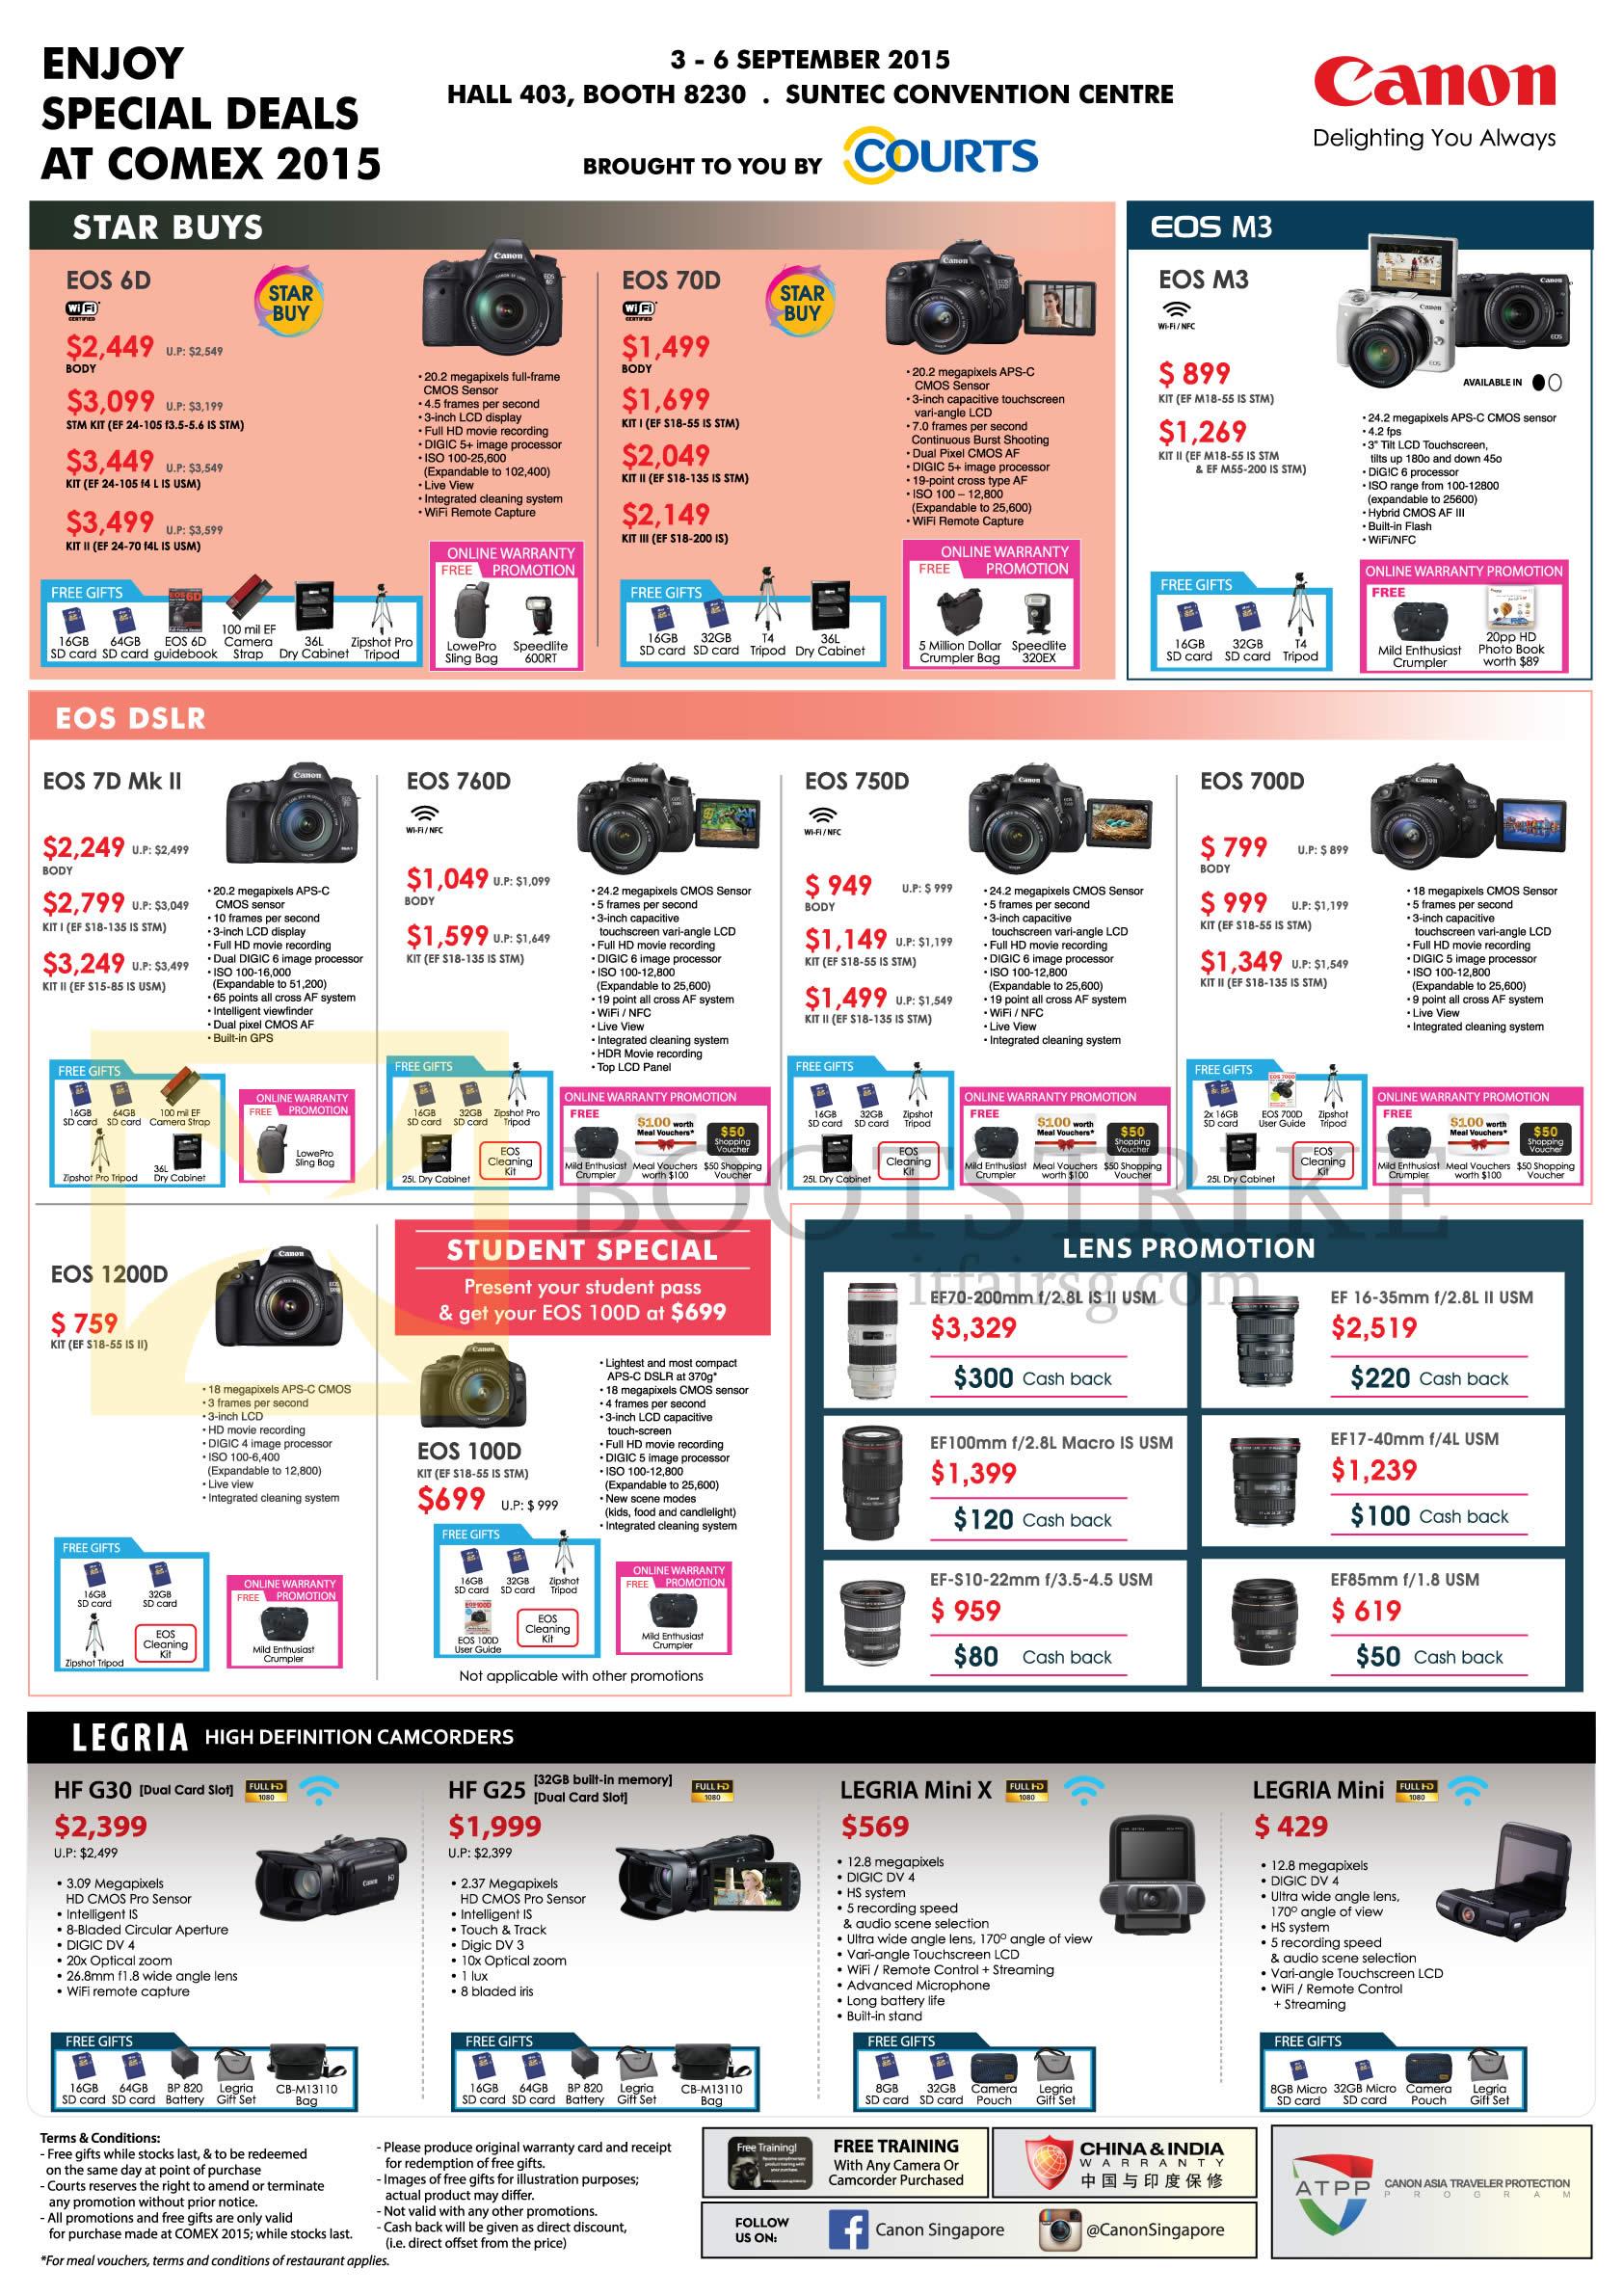 Canon Digital Cameras DSLR Lens Camcorder, EOS 6D, 70D, M3, 7D MK II, 760D, 750D, 700D, 1200D, 100D, HF G30, G25, Legria Mini X, Mini